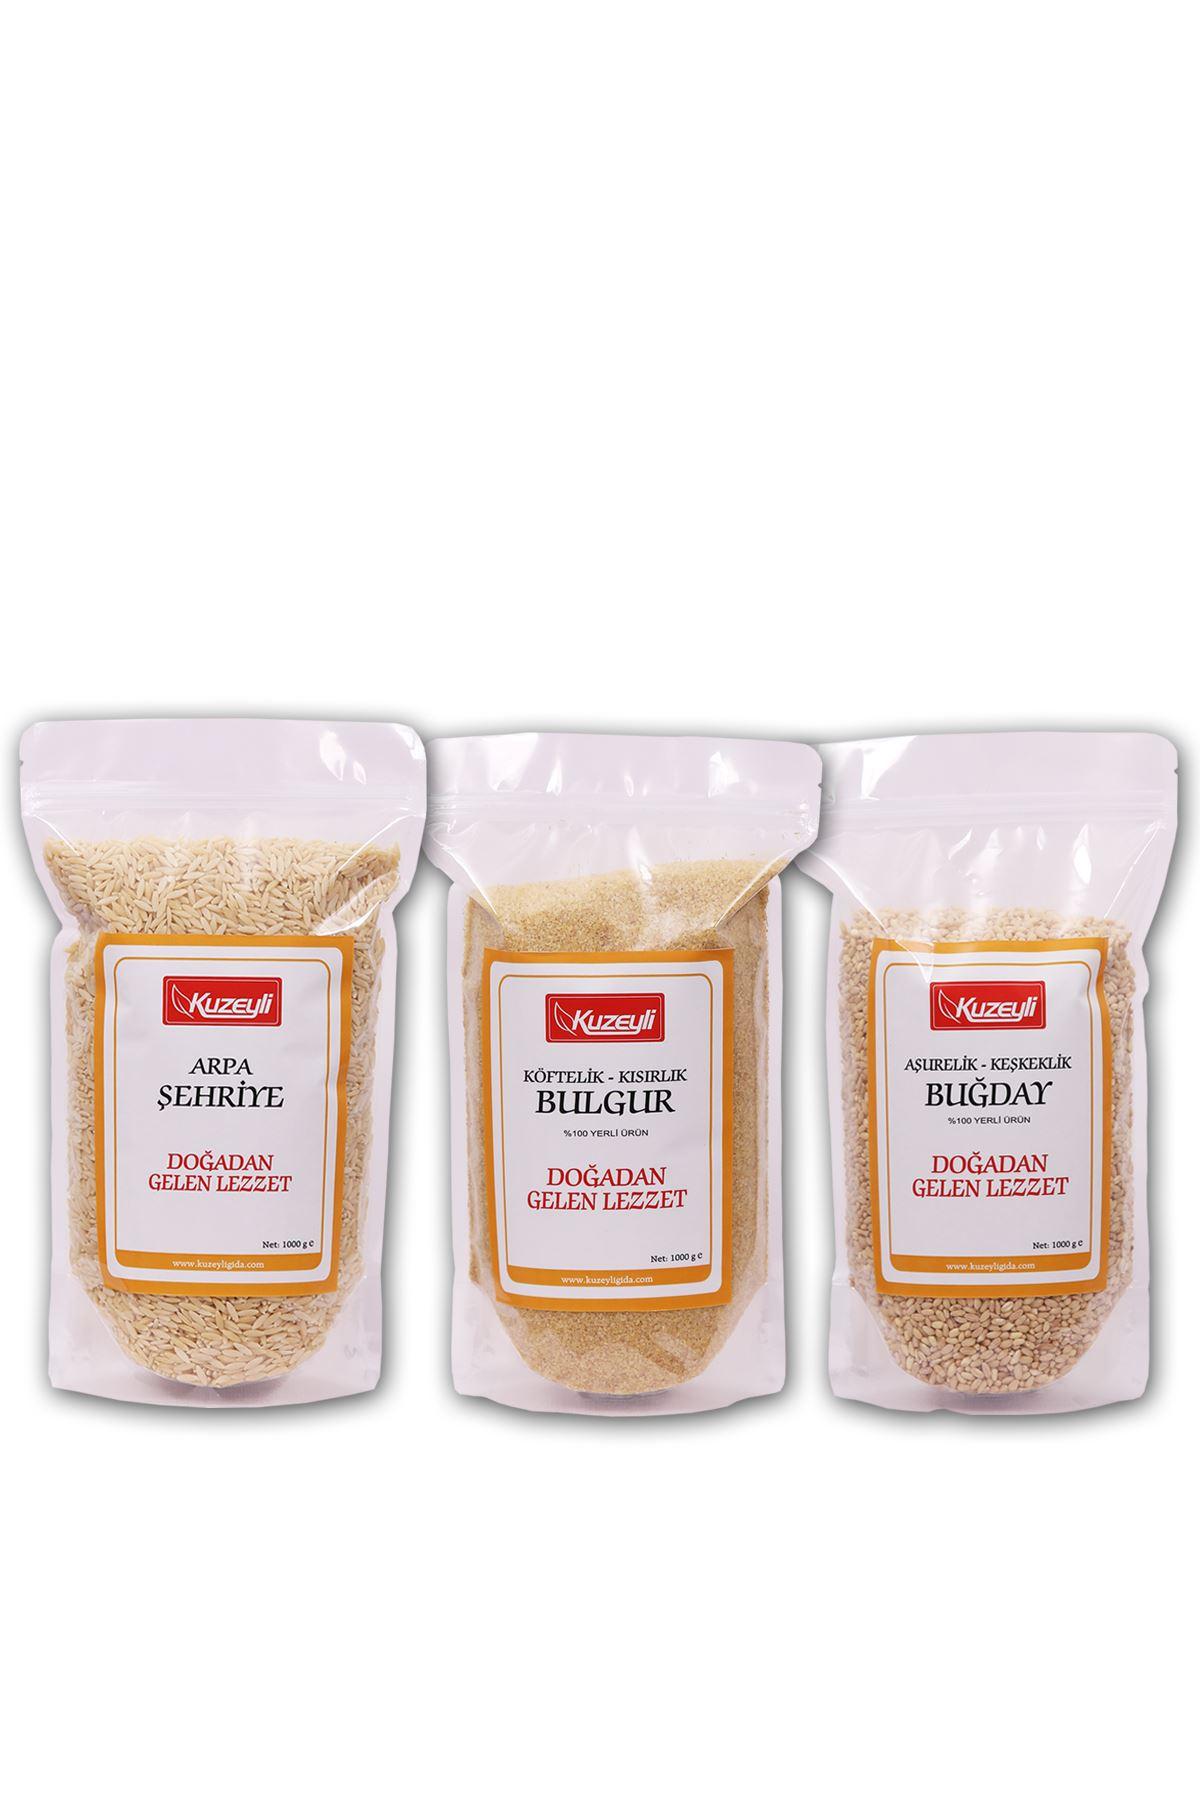 Yardımcı Set - Arpa Şehriye 1 kg - Buğday Aşurelik -Keşkeklik 1 kg  -Köftelik bulgur 1 kg